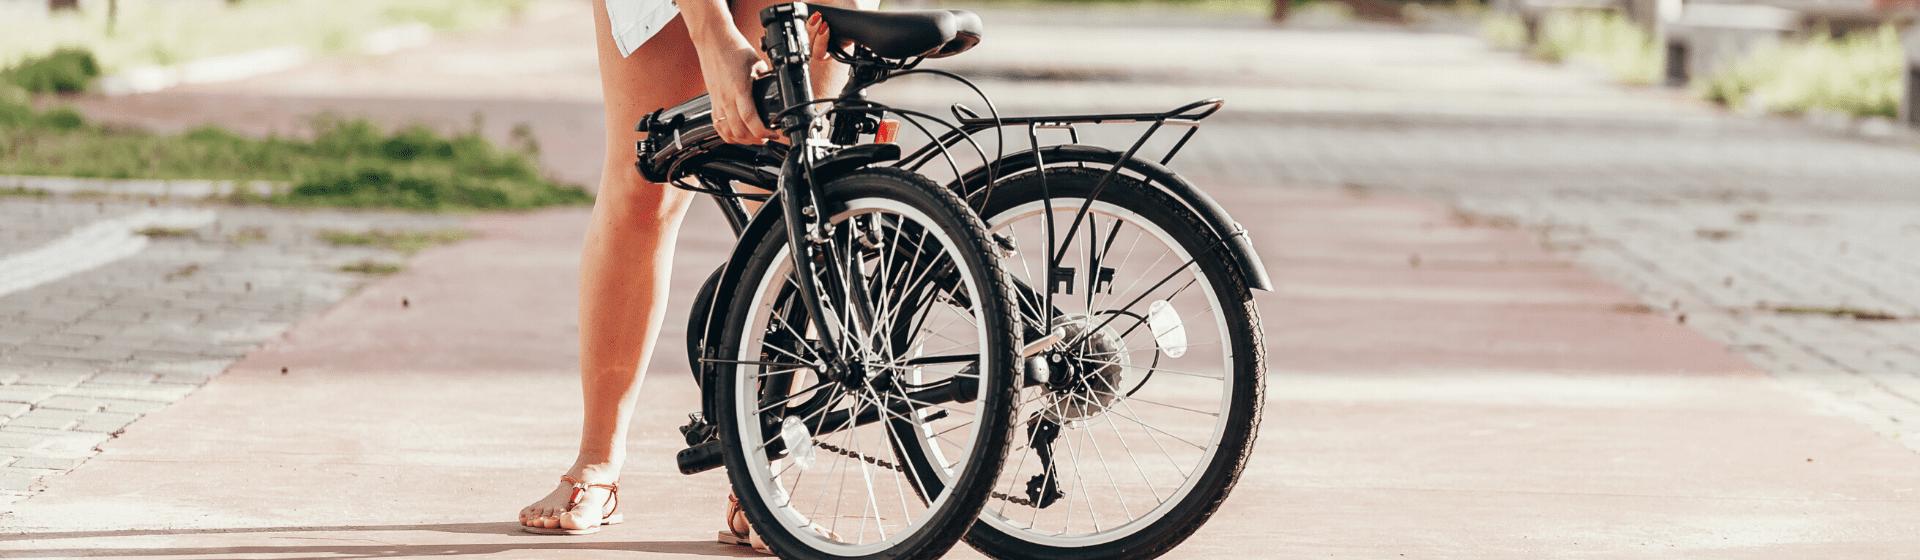 Melhor bicicleta dobrável de 2021: 5 modelos para comprar